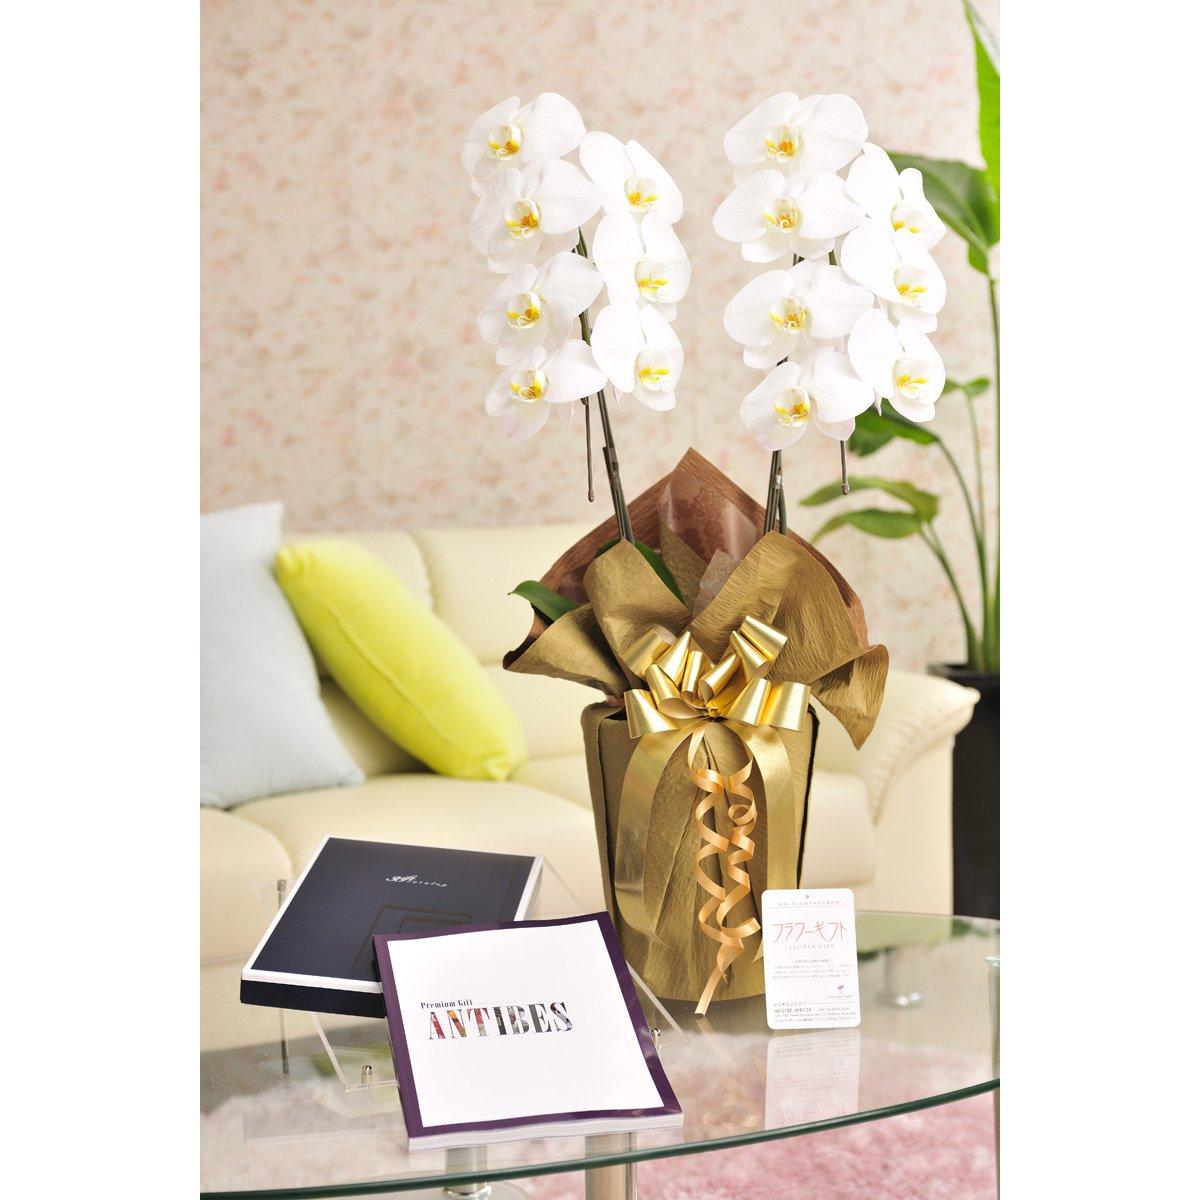 花とギフトのセット 胡蝶蘭 大輪2本立とカタログギフト(ミストラル/アンティーブ) B07DT9HP8X